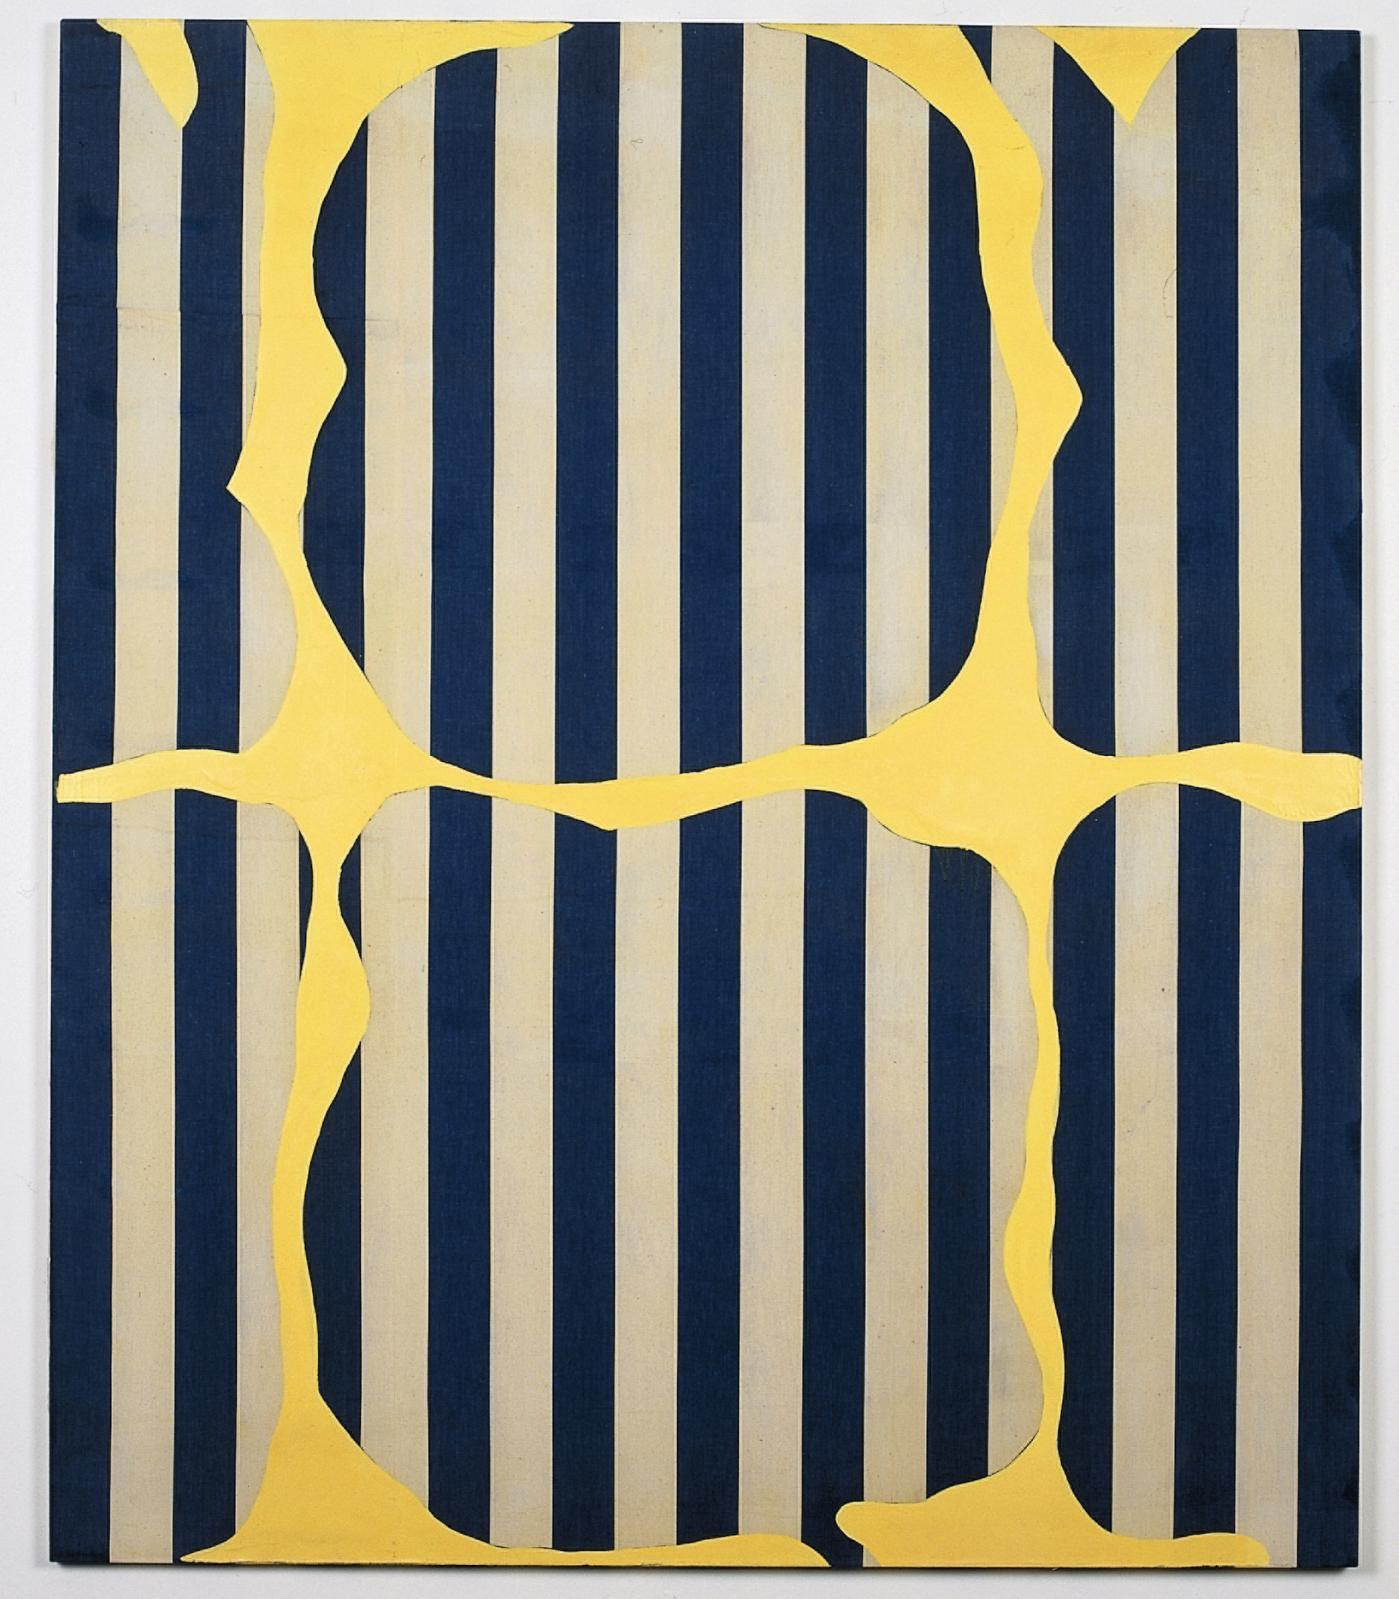 Daniel Buren (né en 1938), Photo-souvenir: peinture aux formes variables, mai 1966, peinture acrylique sur toile, 212,5x180,5cm (détail). Galerie